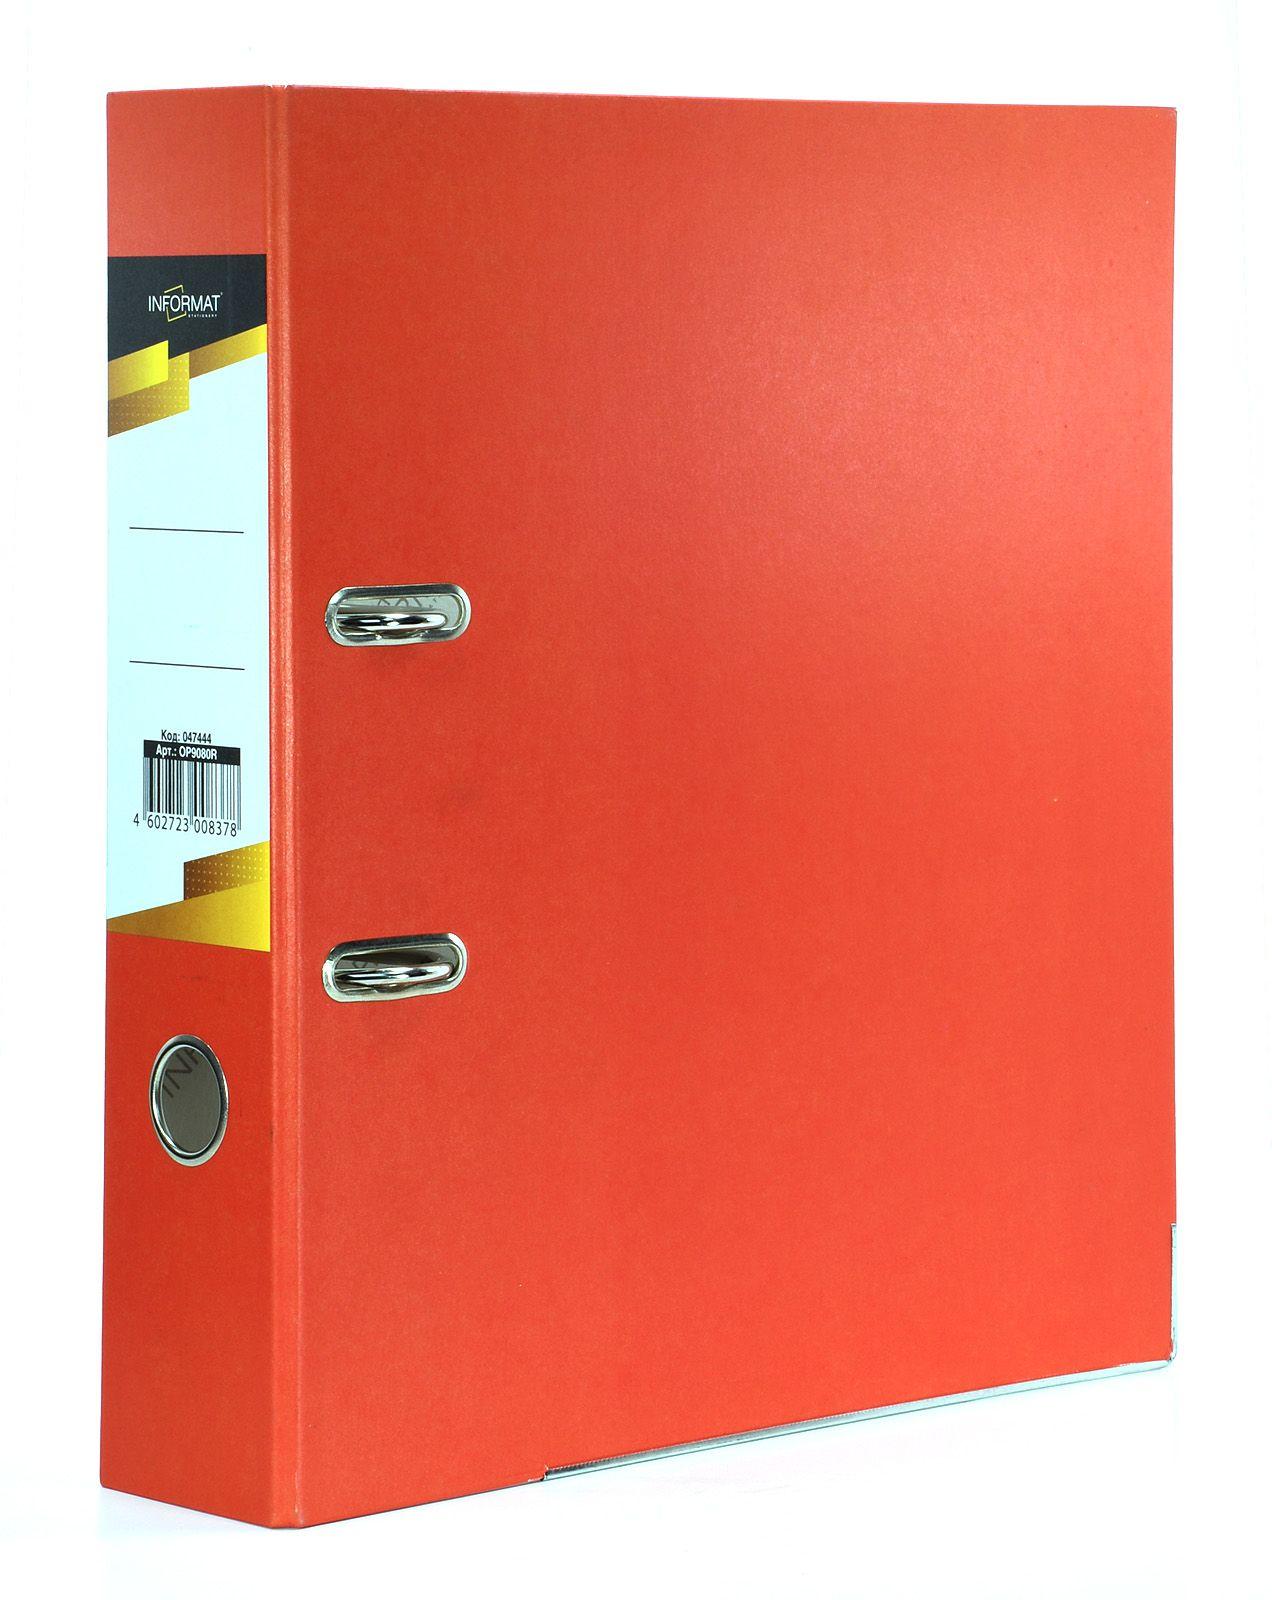 Папка-регистратор INFORMAT 75 мм бумага, красная